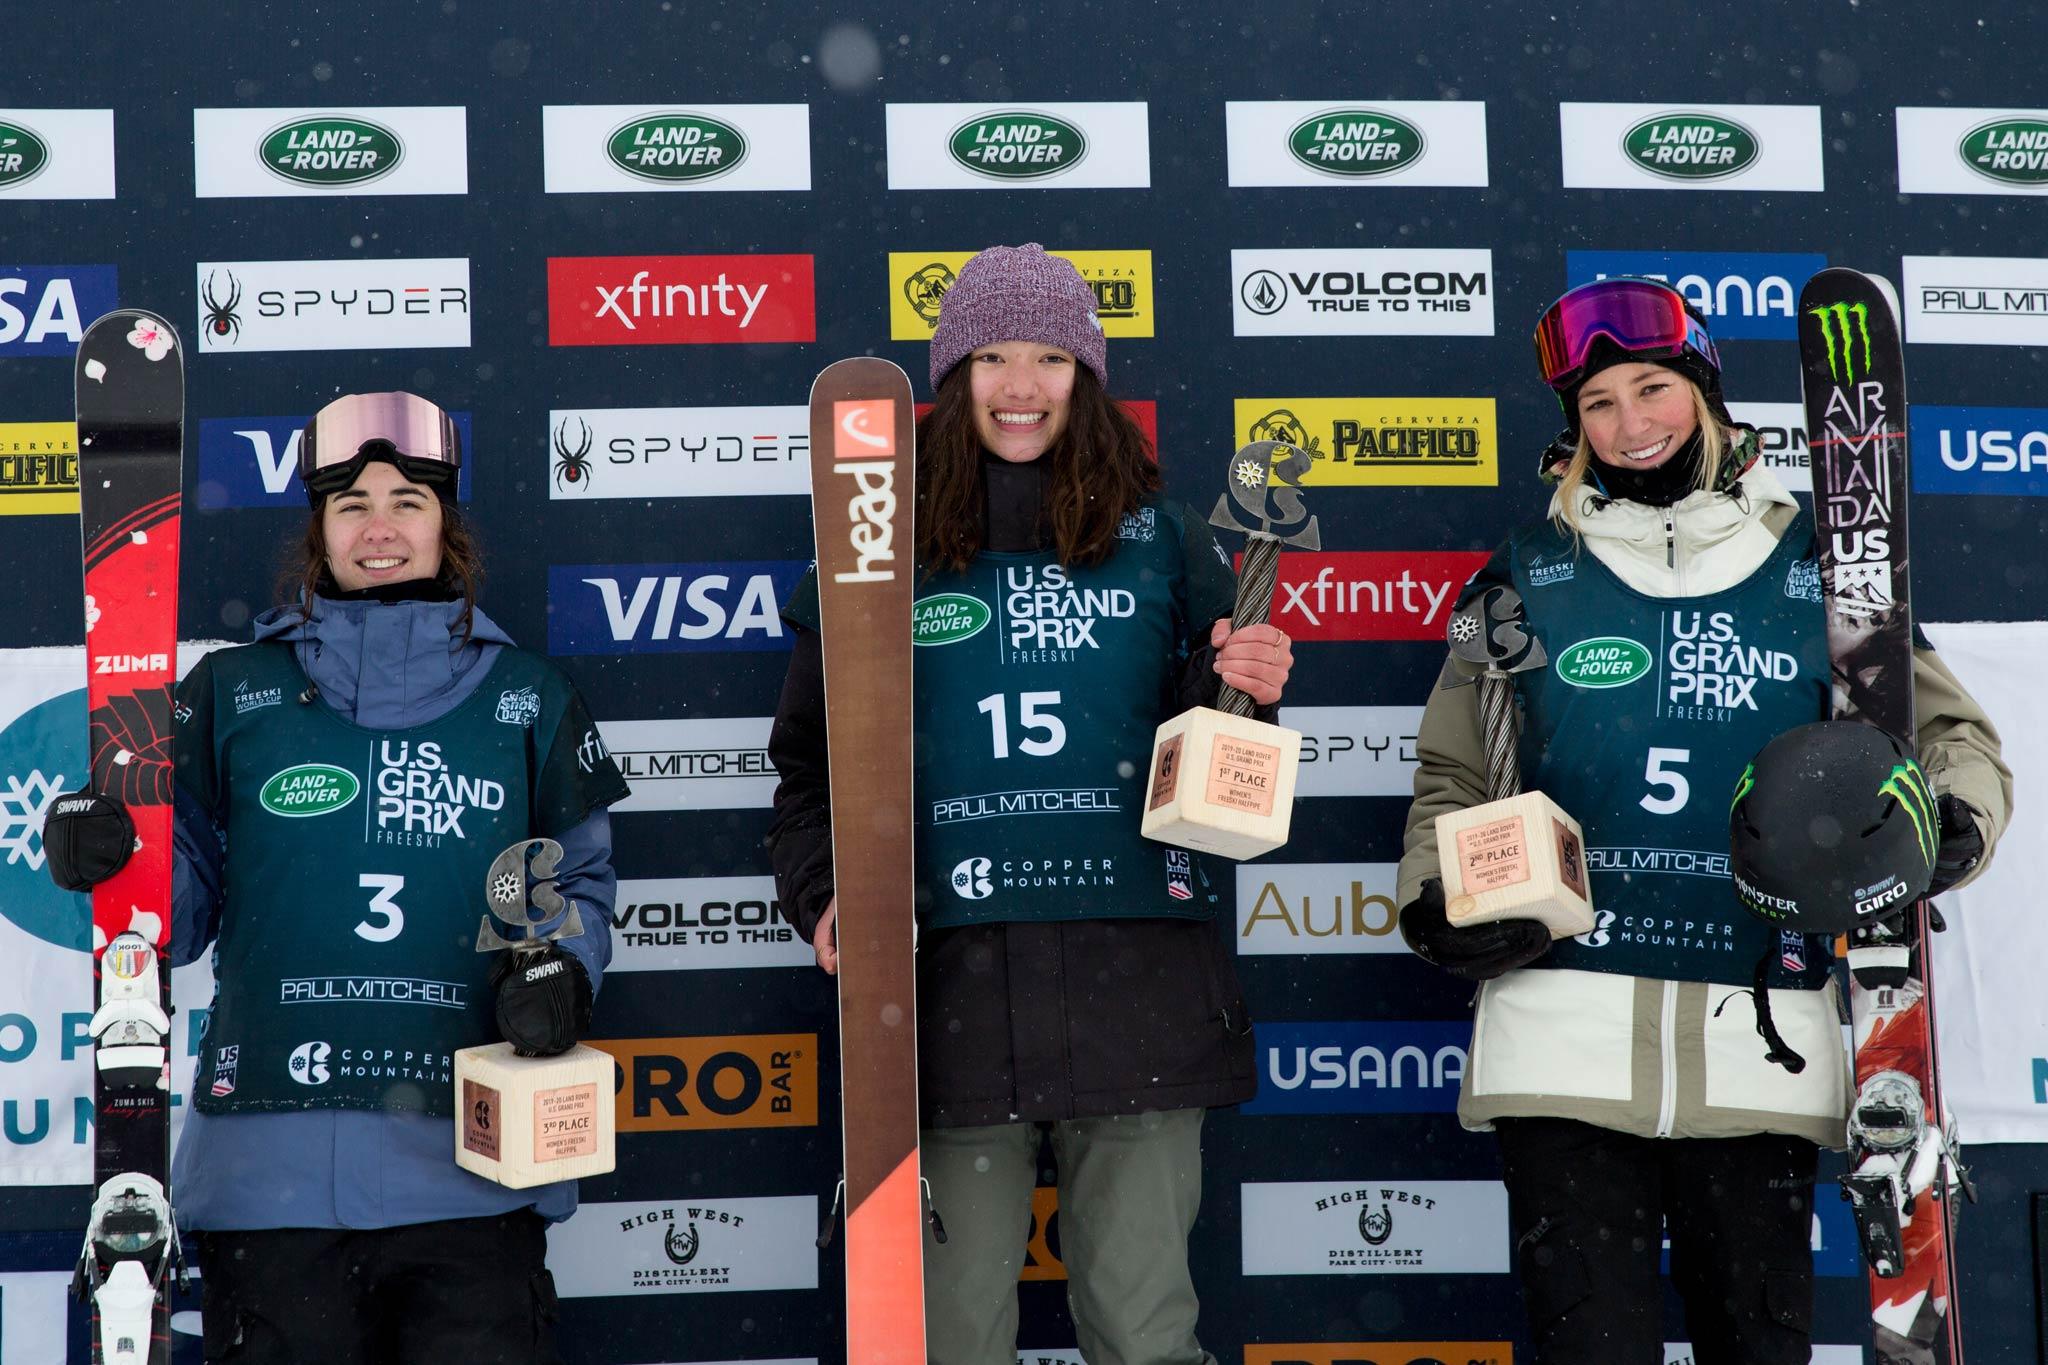 Das Podium der Frauen: Rachael Karker (CAN), Zoe Atkin (GBR), Brita Sigourney (USA) - Foto: FIS Freestyle